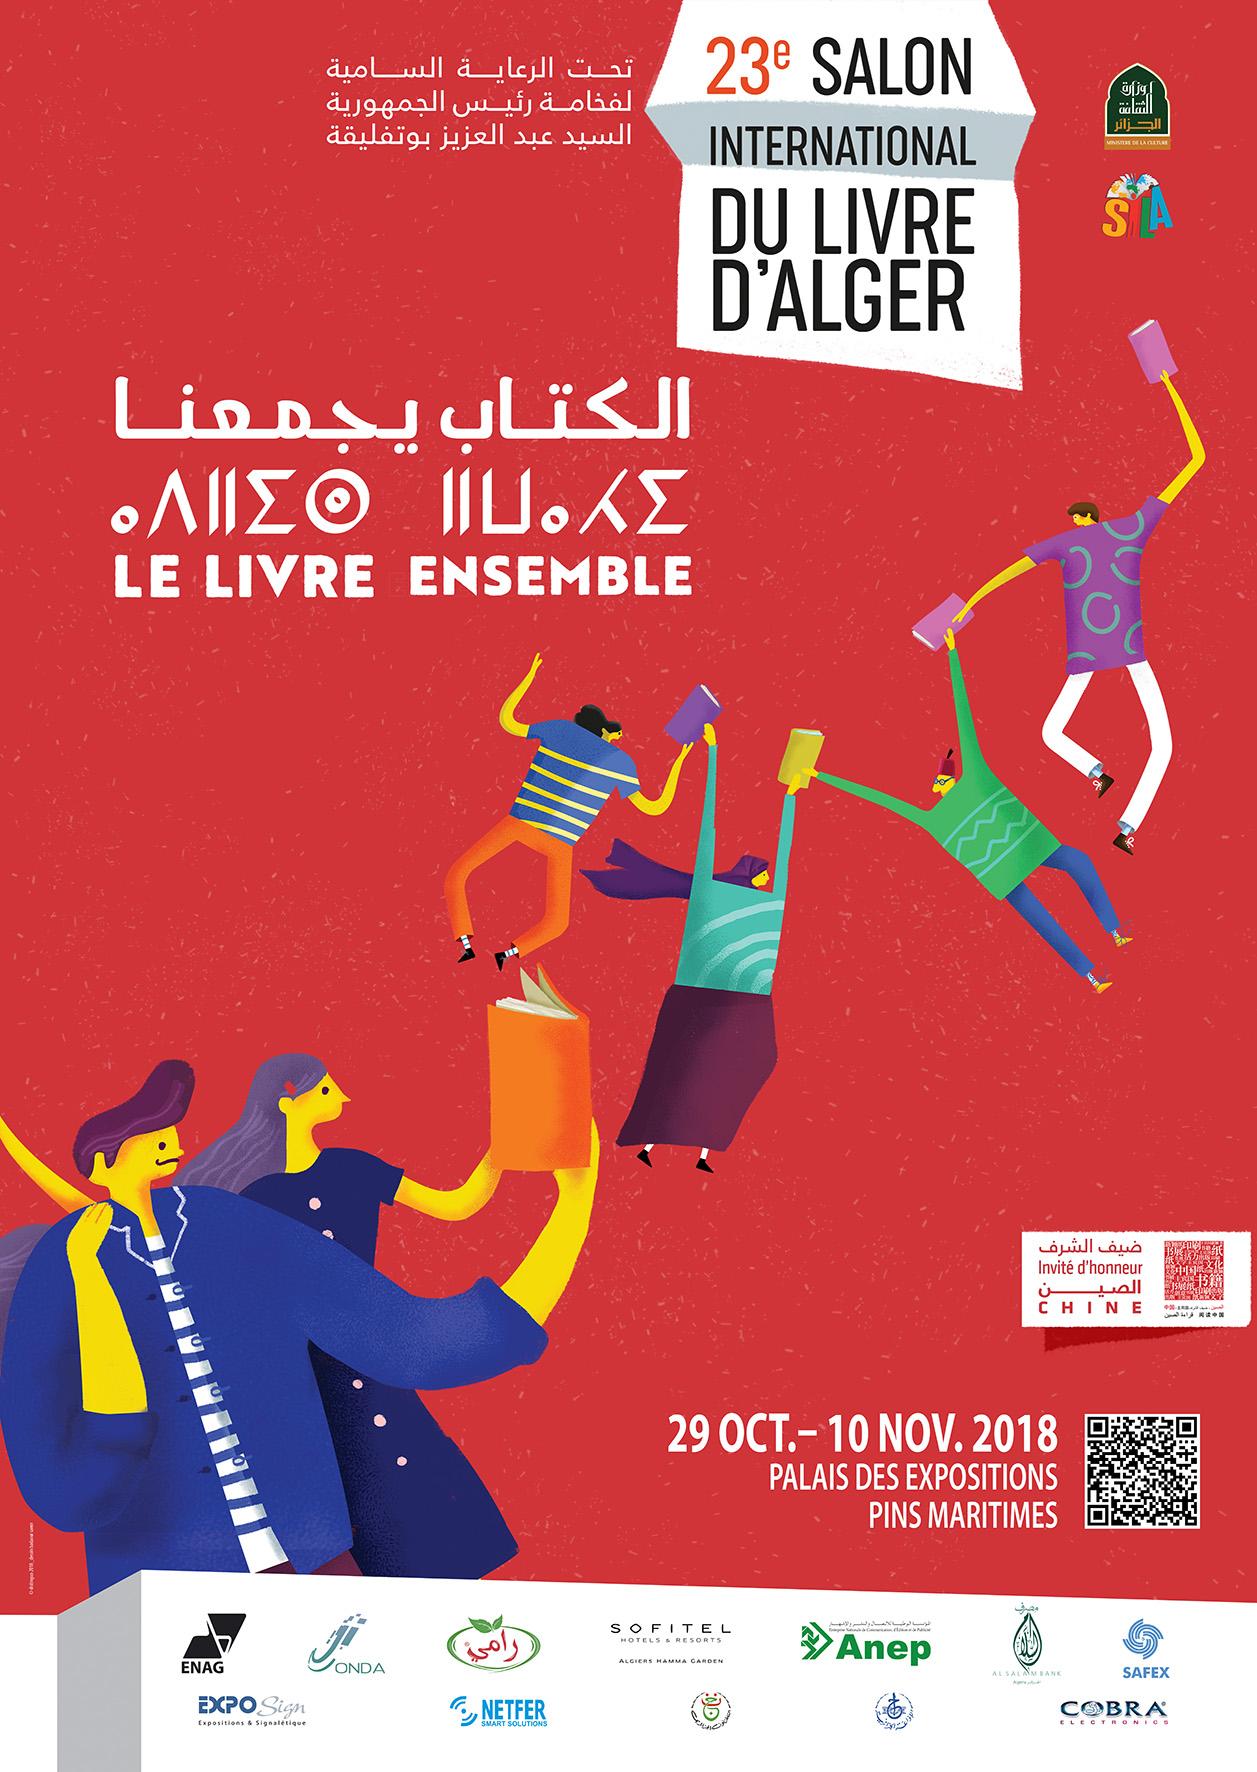 Le salon international du livre d'Alger - 23 ème édition